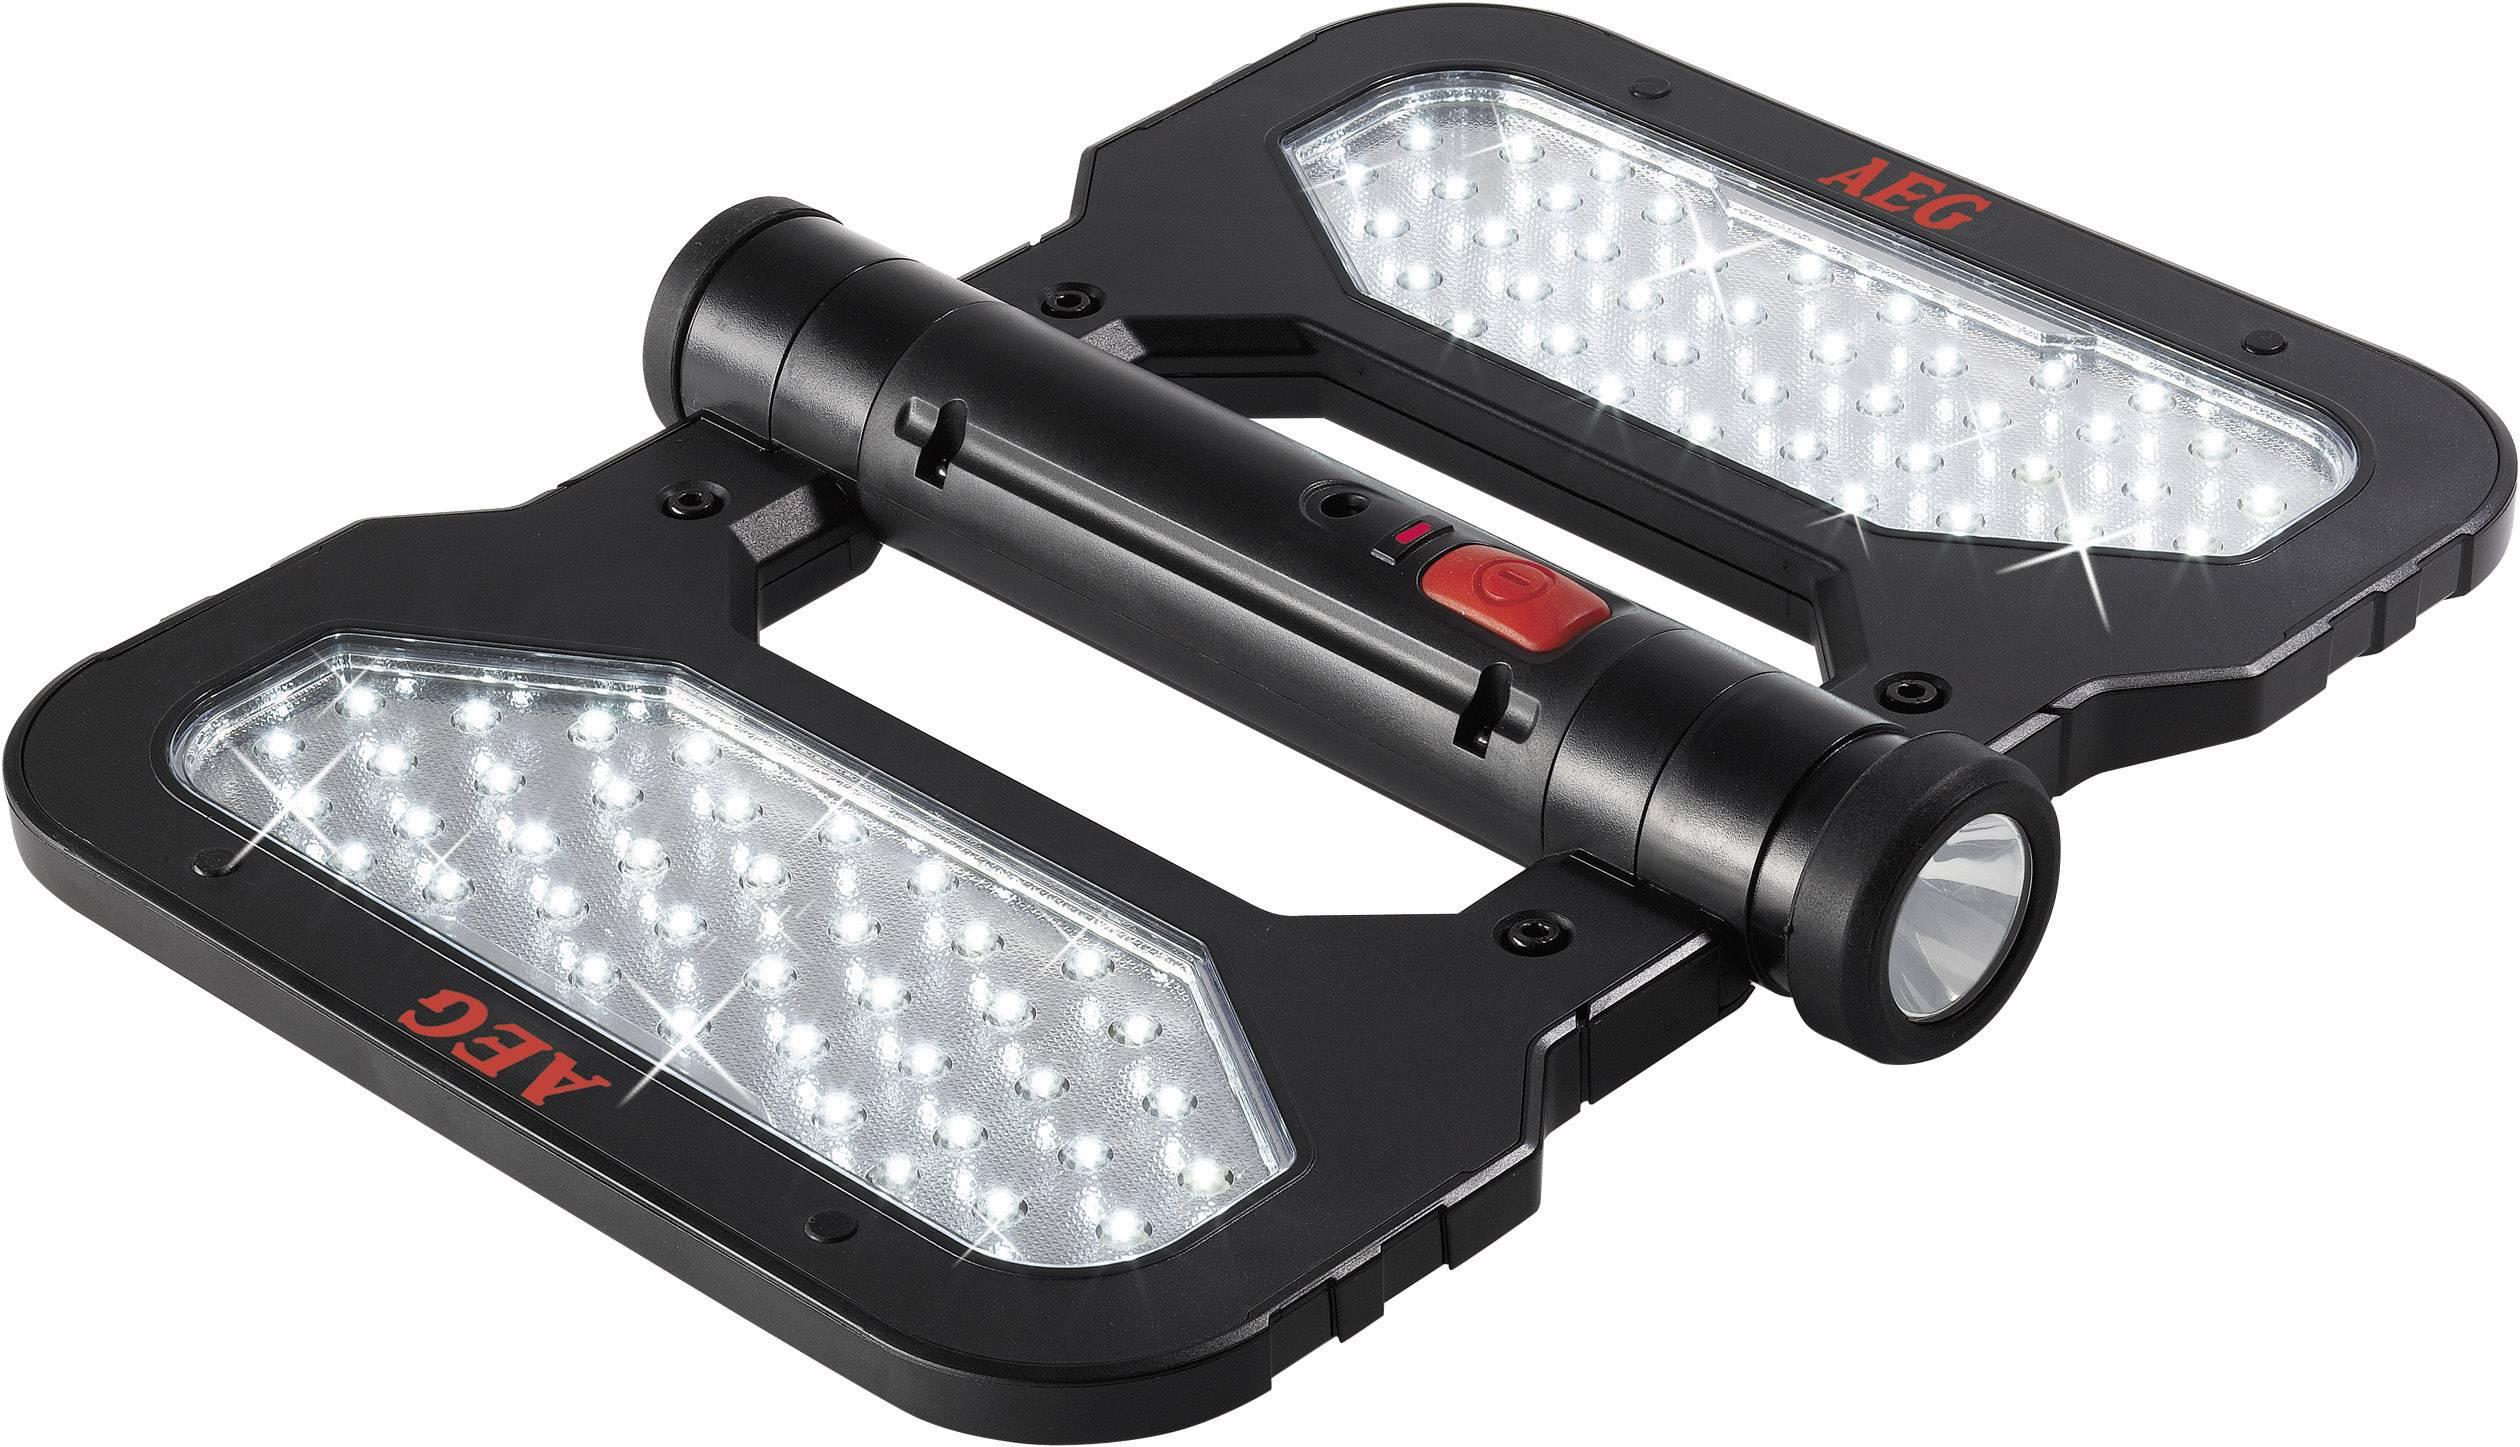 LED ploché svetlo AEG 2AEG97194 FL 80, napájanie z akumulátora